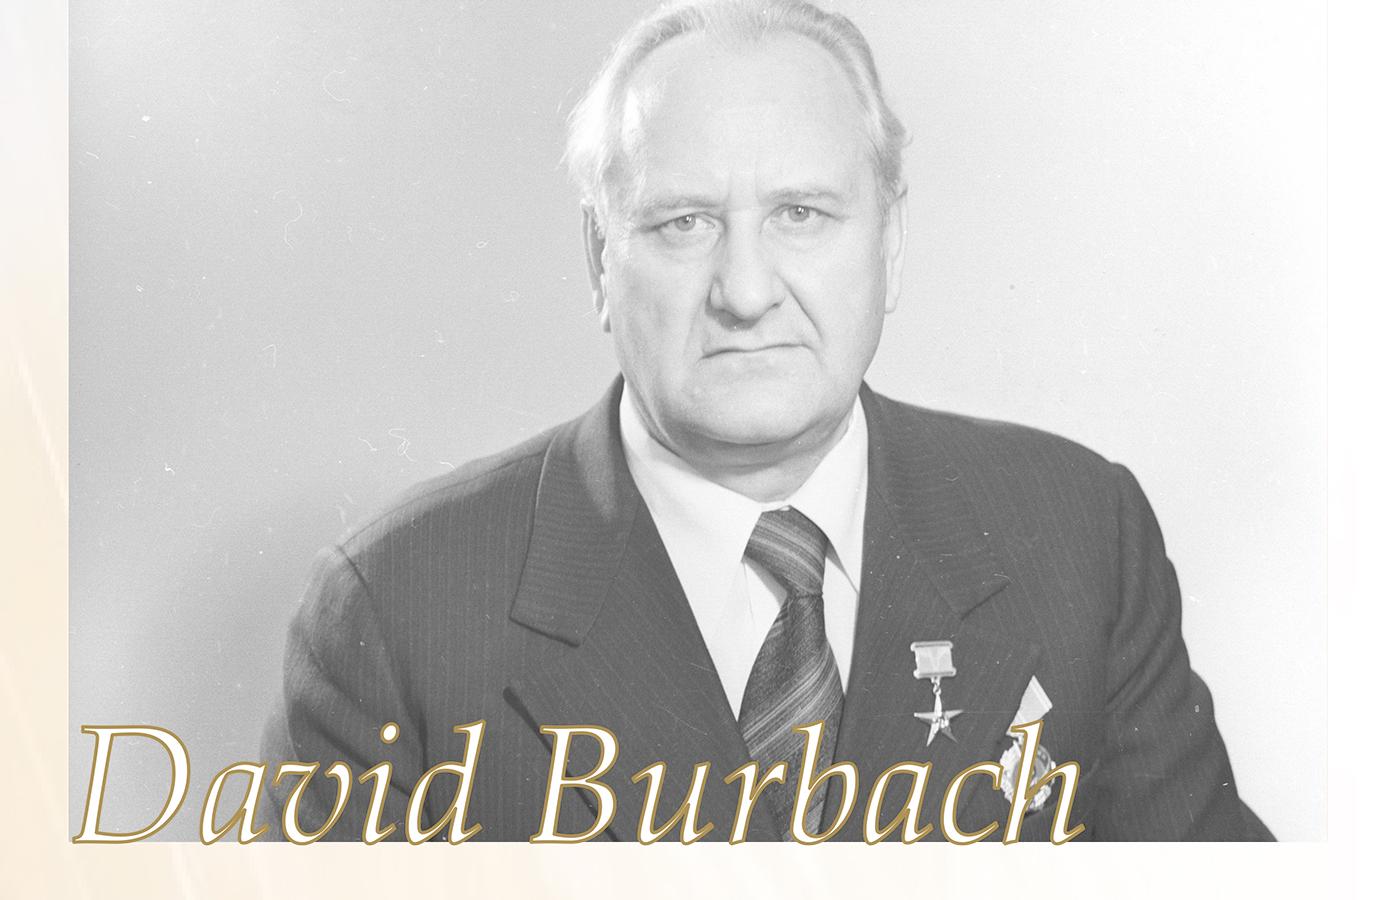 David Burbach